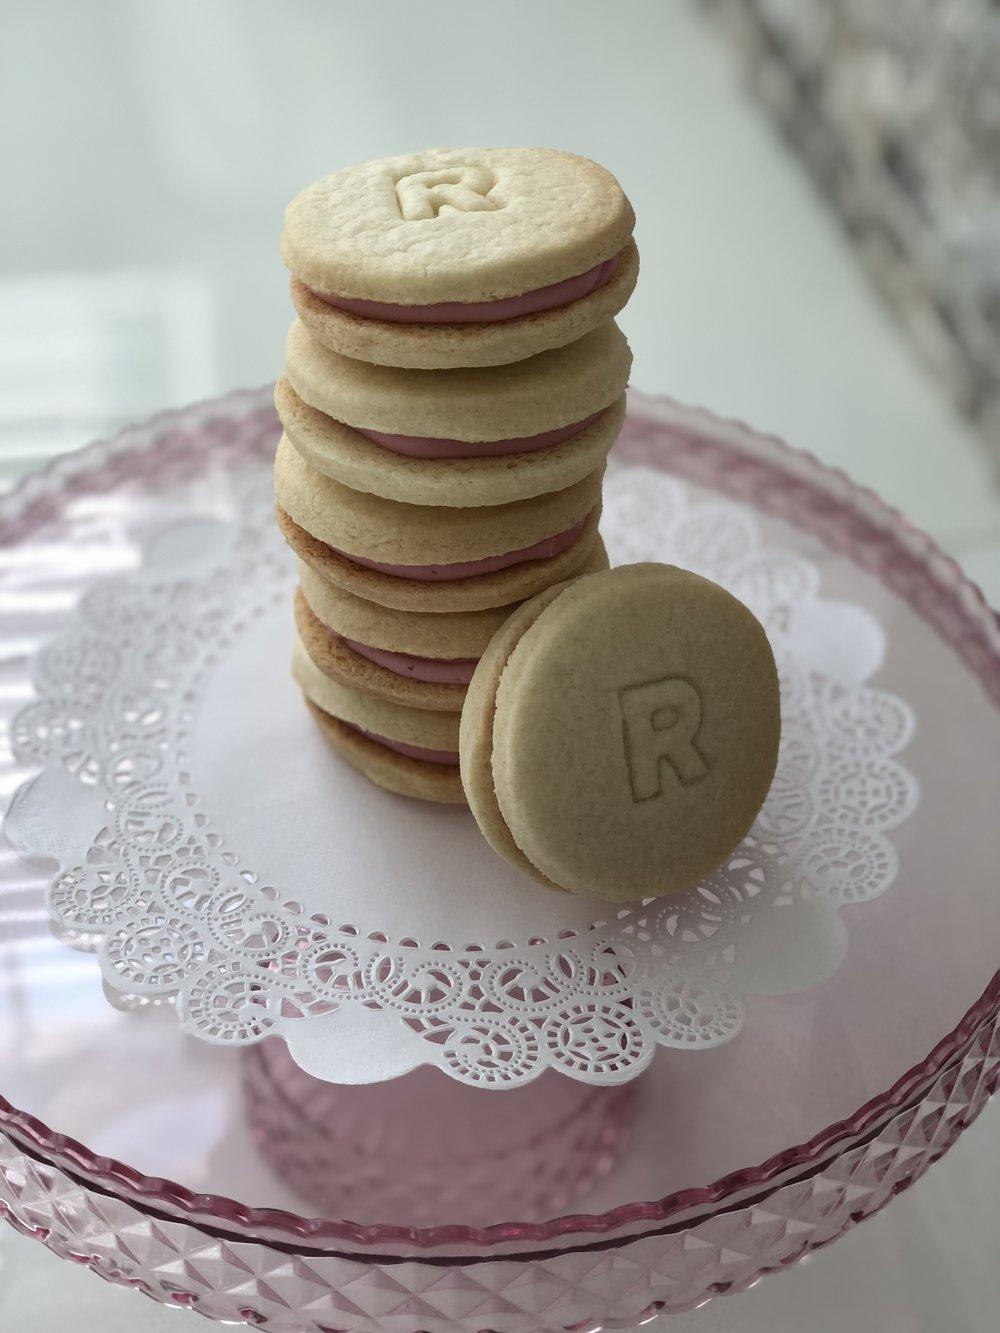 Gluten, Dairy & Soy Free Rosie Signature Sugar Sandwich Cookie with DF Buttercream Center  $27 per one dozen  $15 per 1/2 dozen